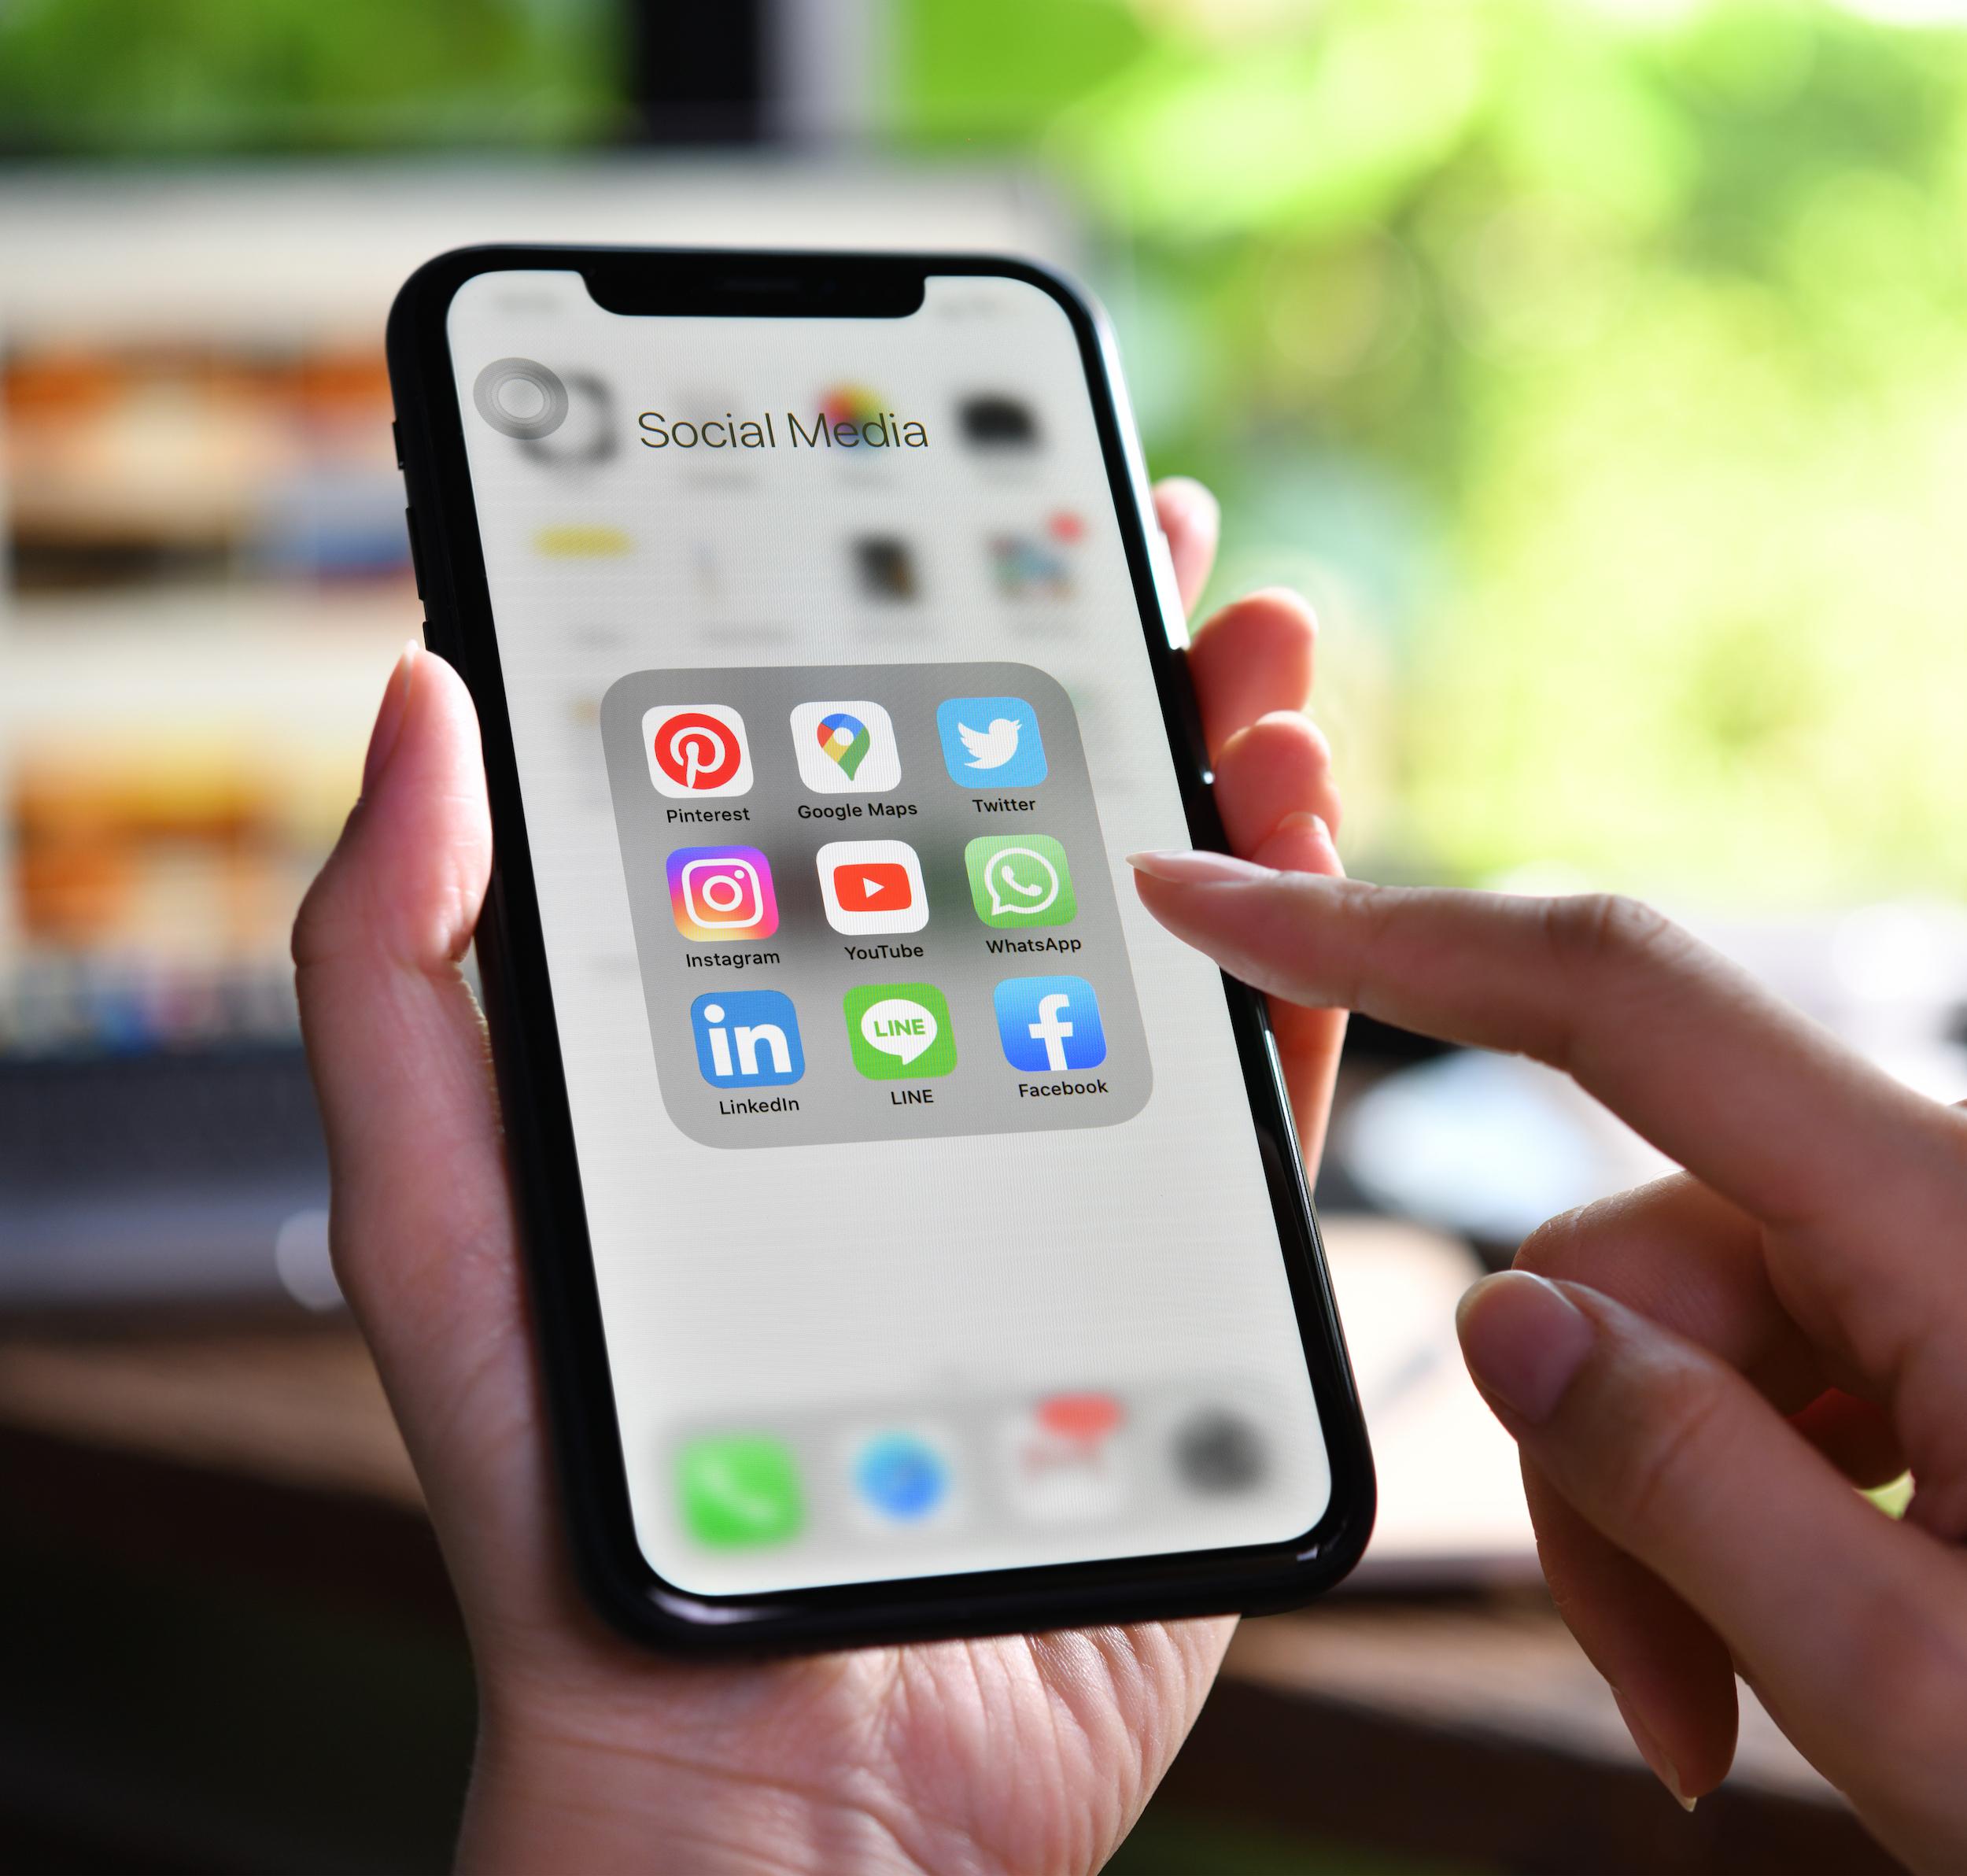 icones-social-media-mobile